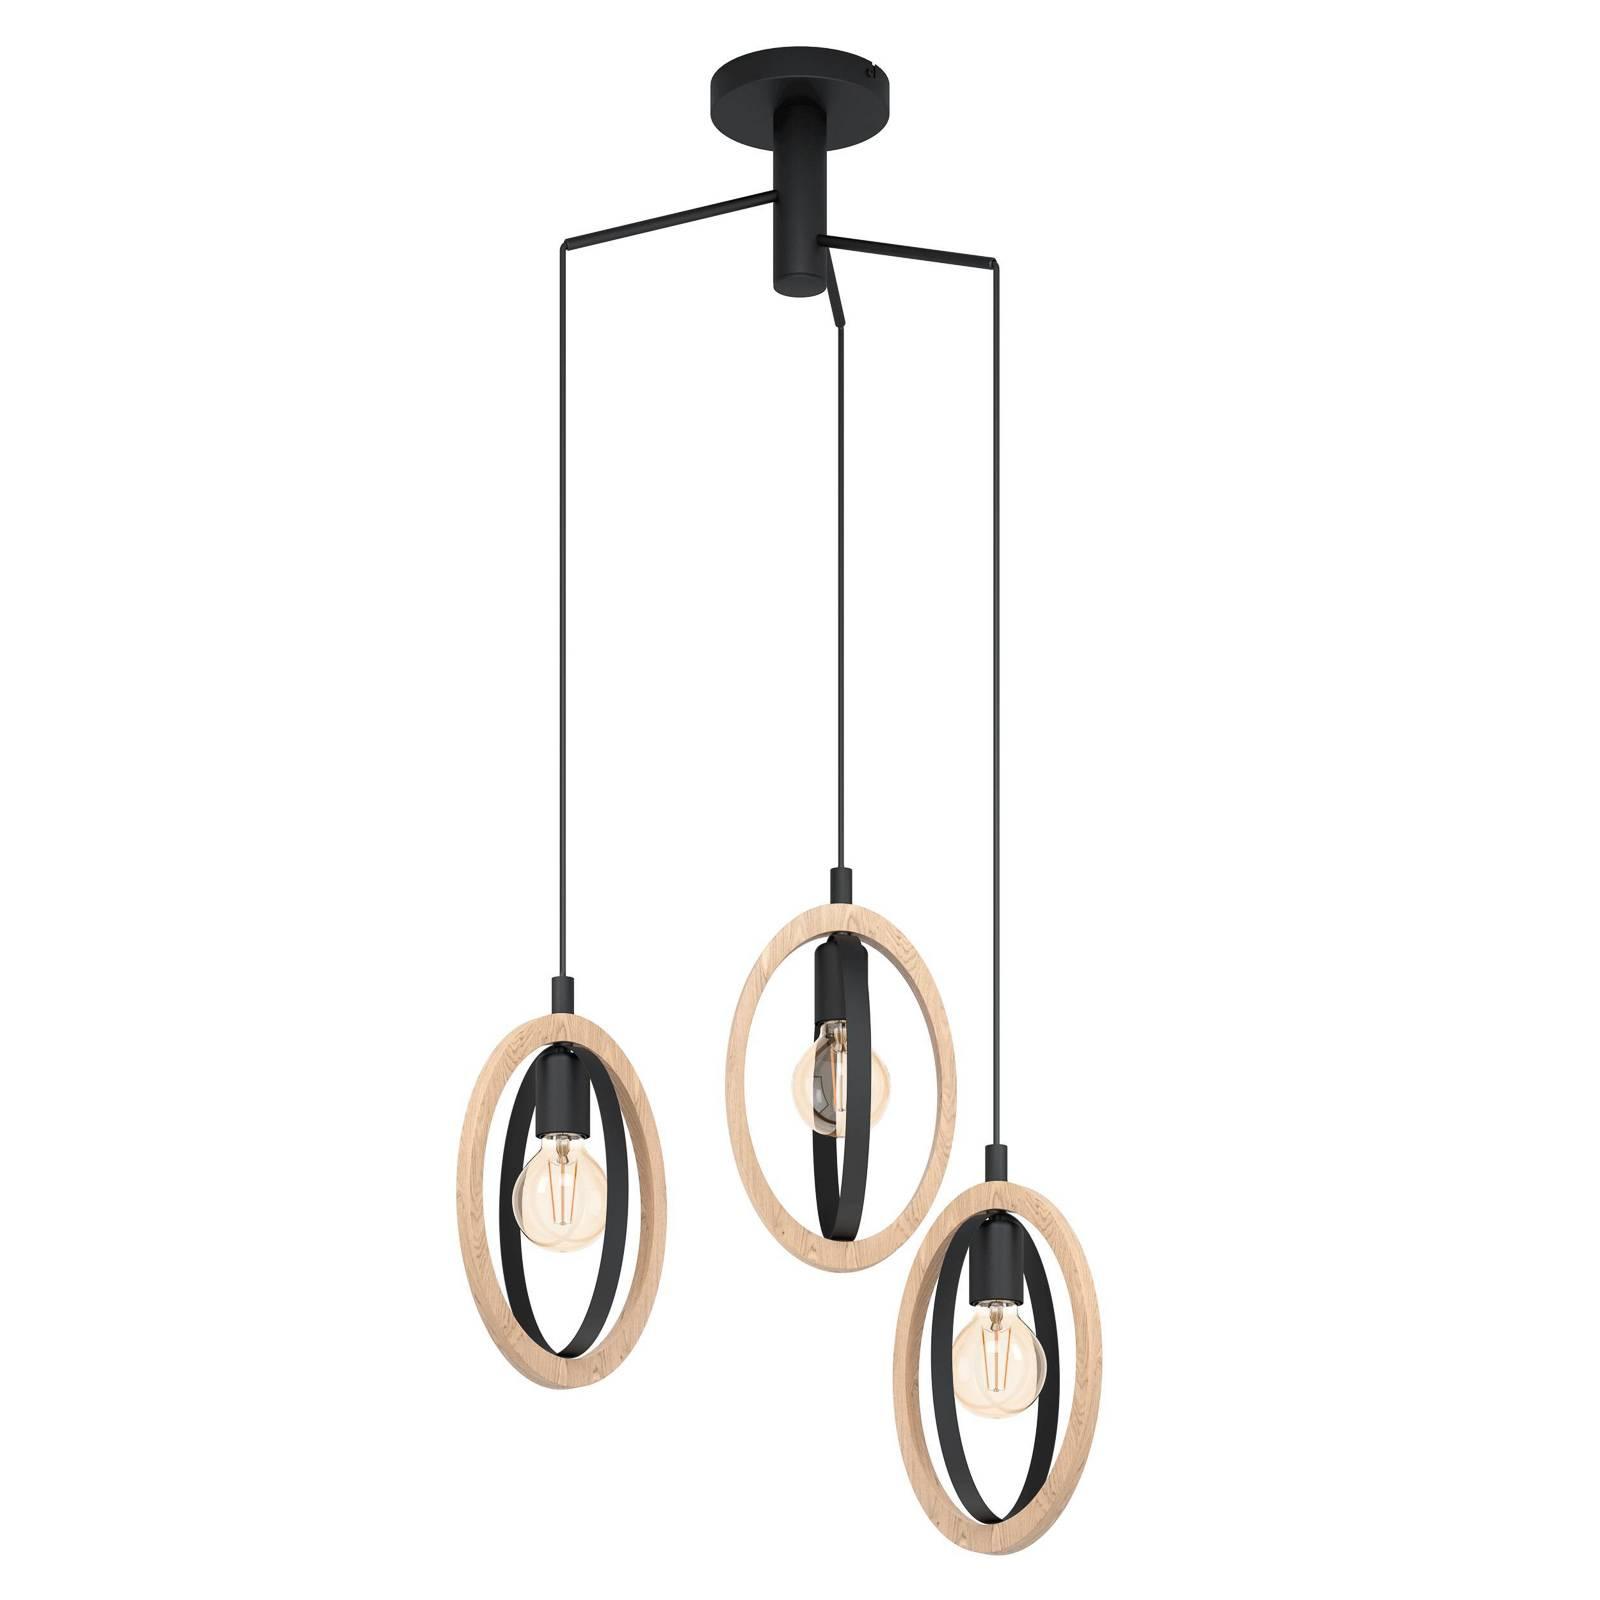 Suspension Basildon avec détails bois, à 3 lampes